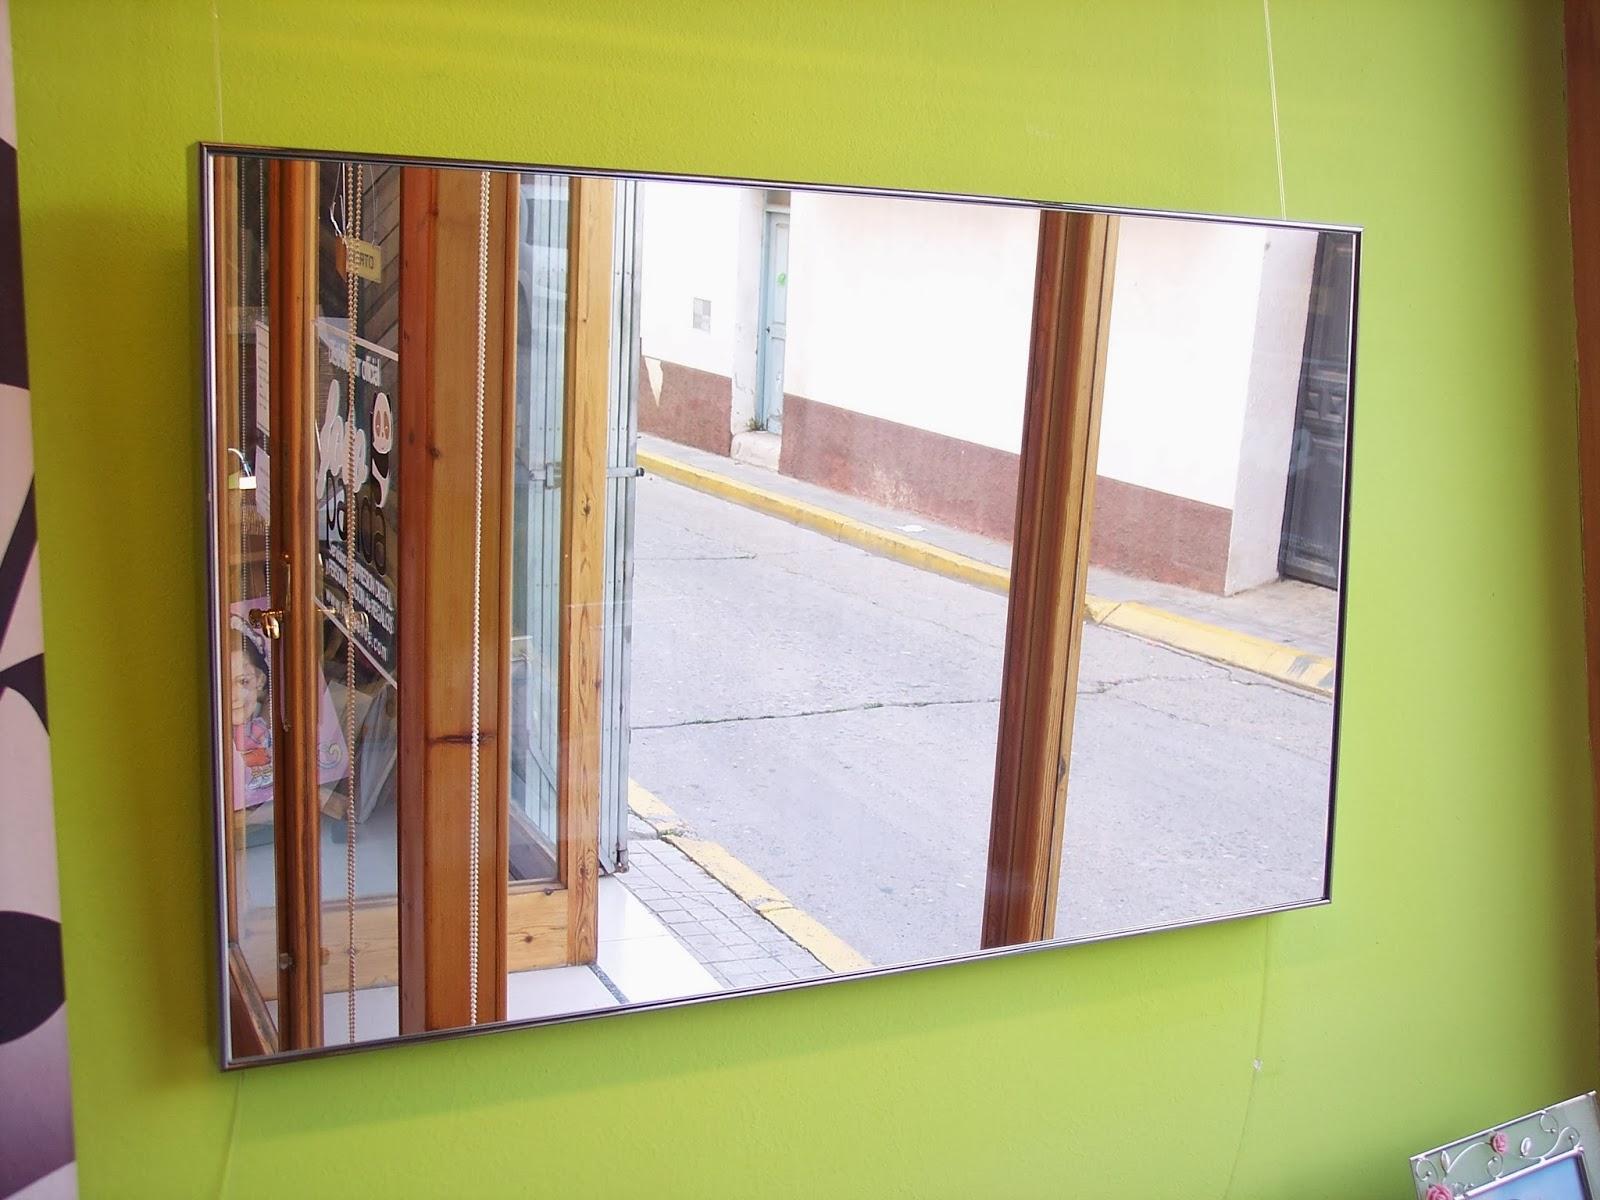 Mis cuadros como colgar un espejo for Como colgar un espejo en la pared